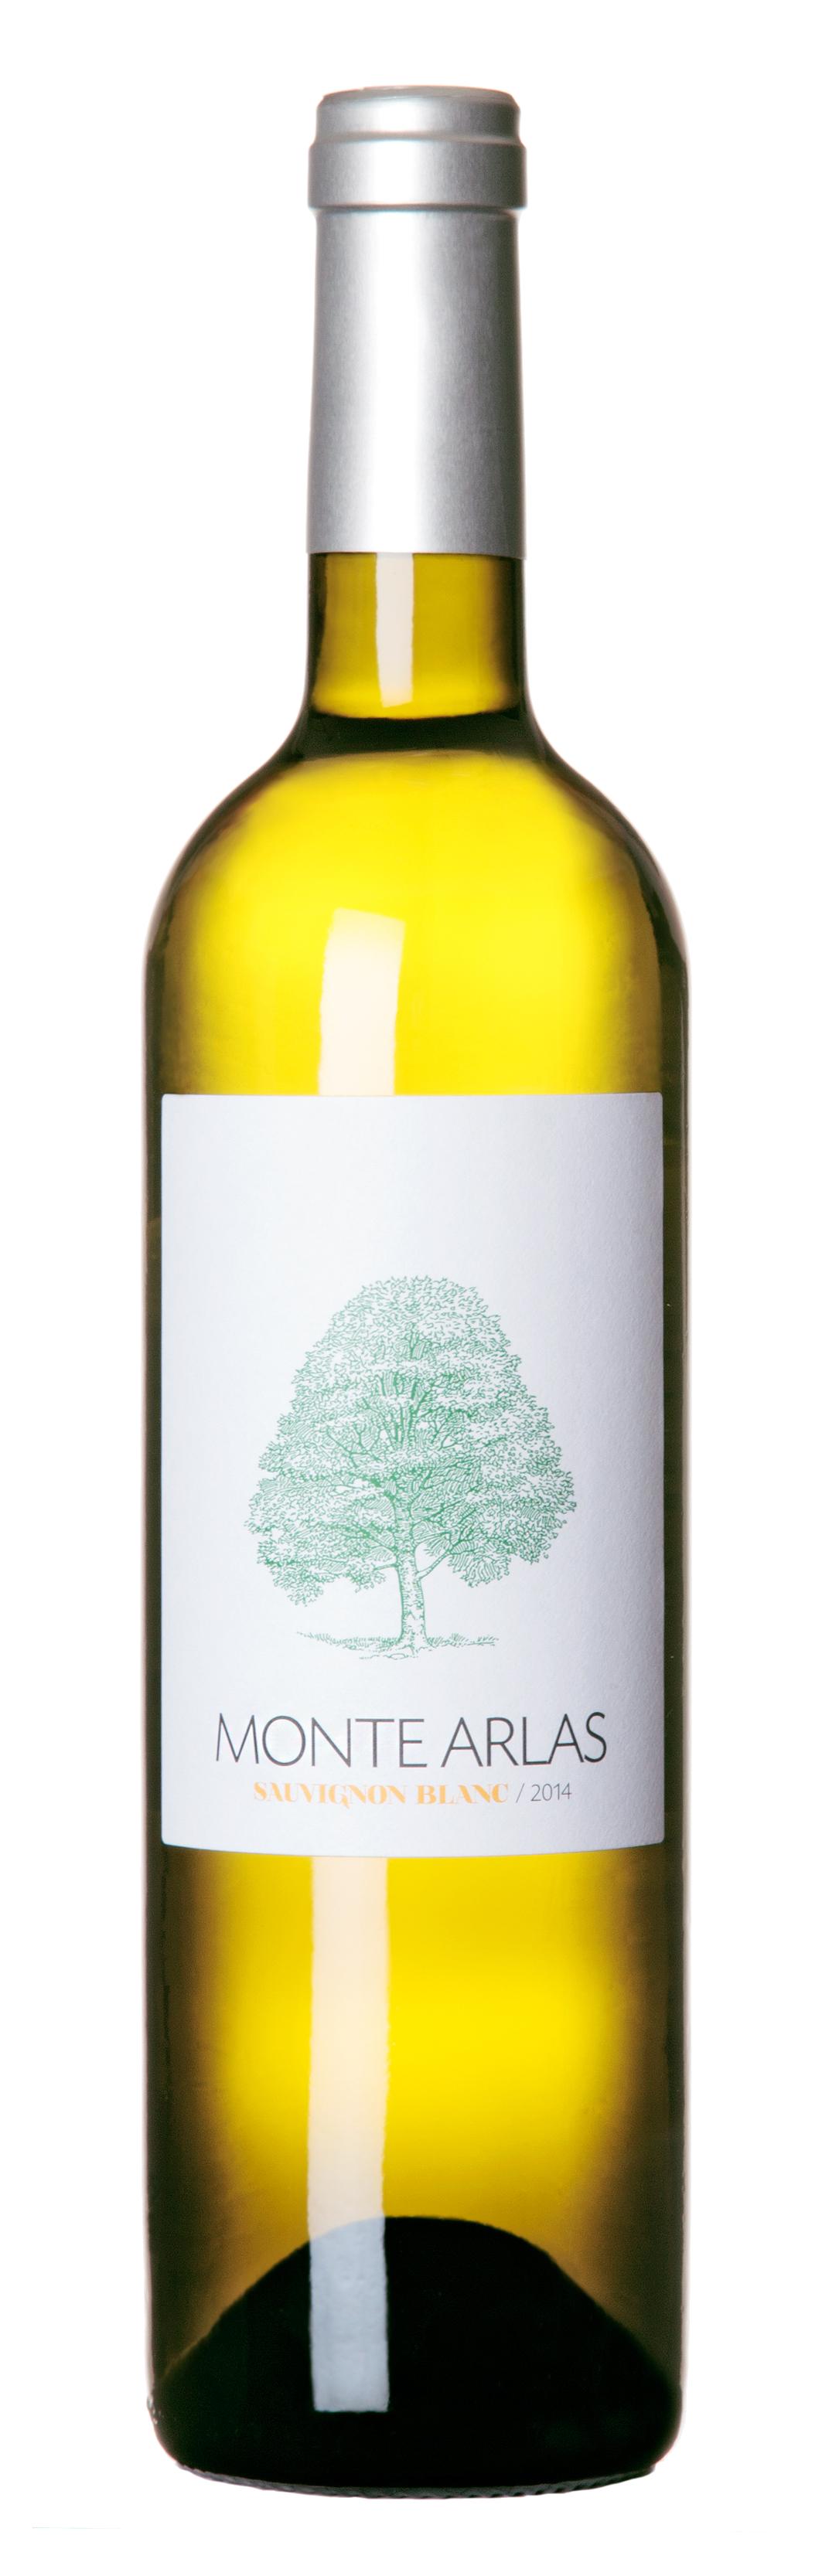 Monte Arlas Sauvignon Blanc 2019 Weißwein 0,75l